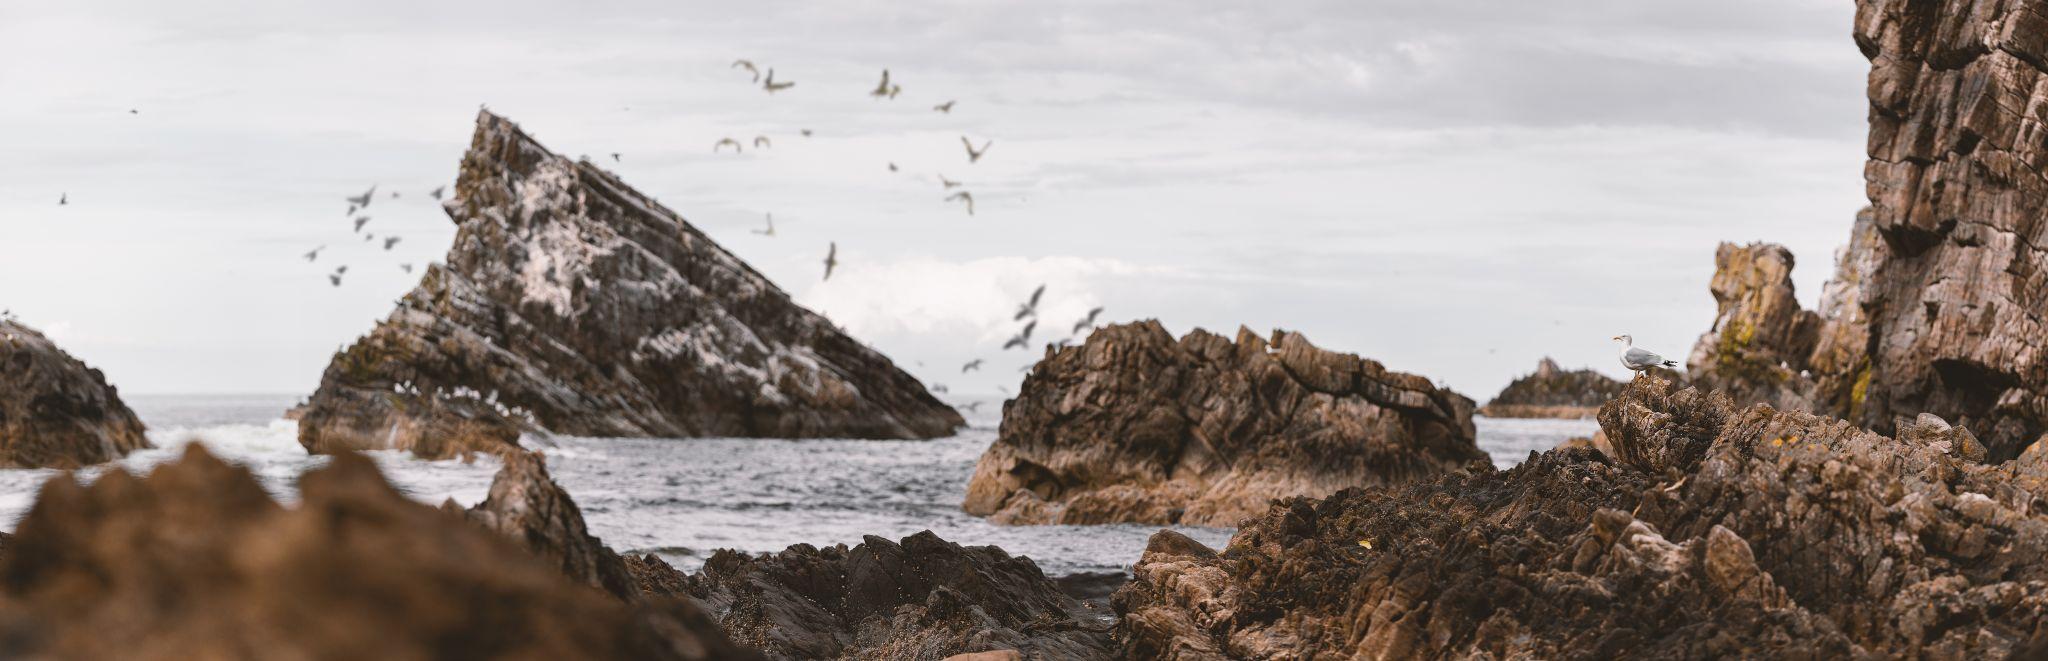 Bow Fiddle Rock Beach, United Kingdom